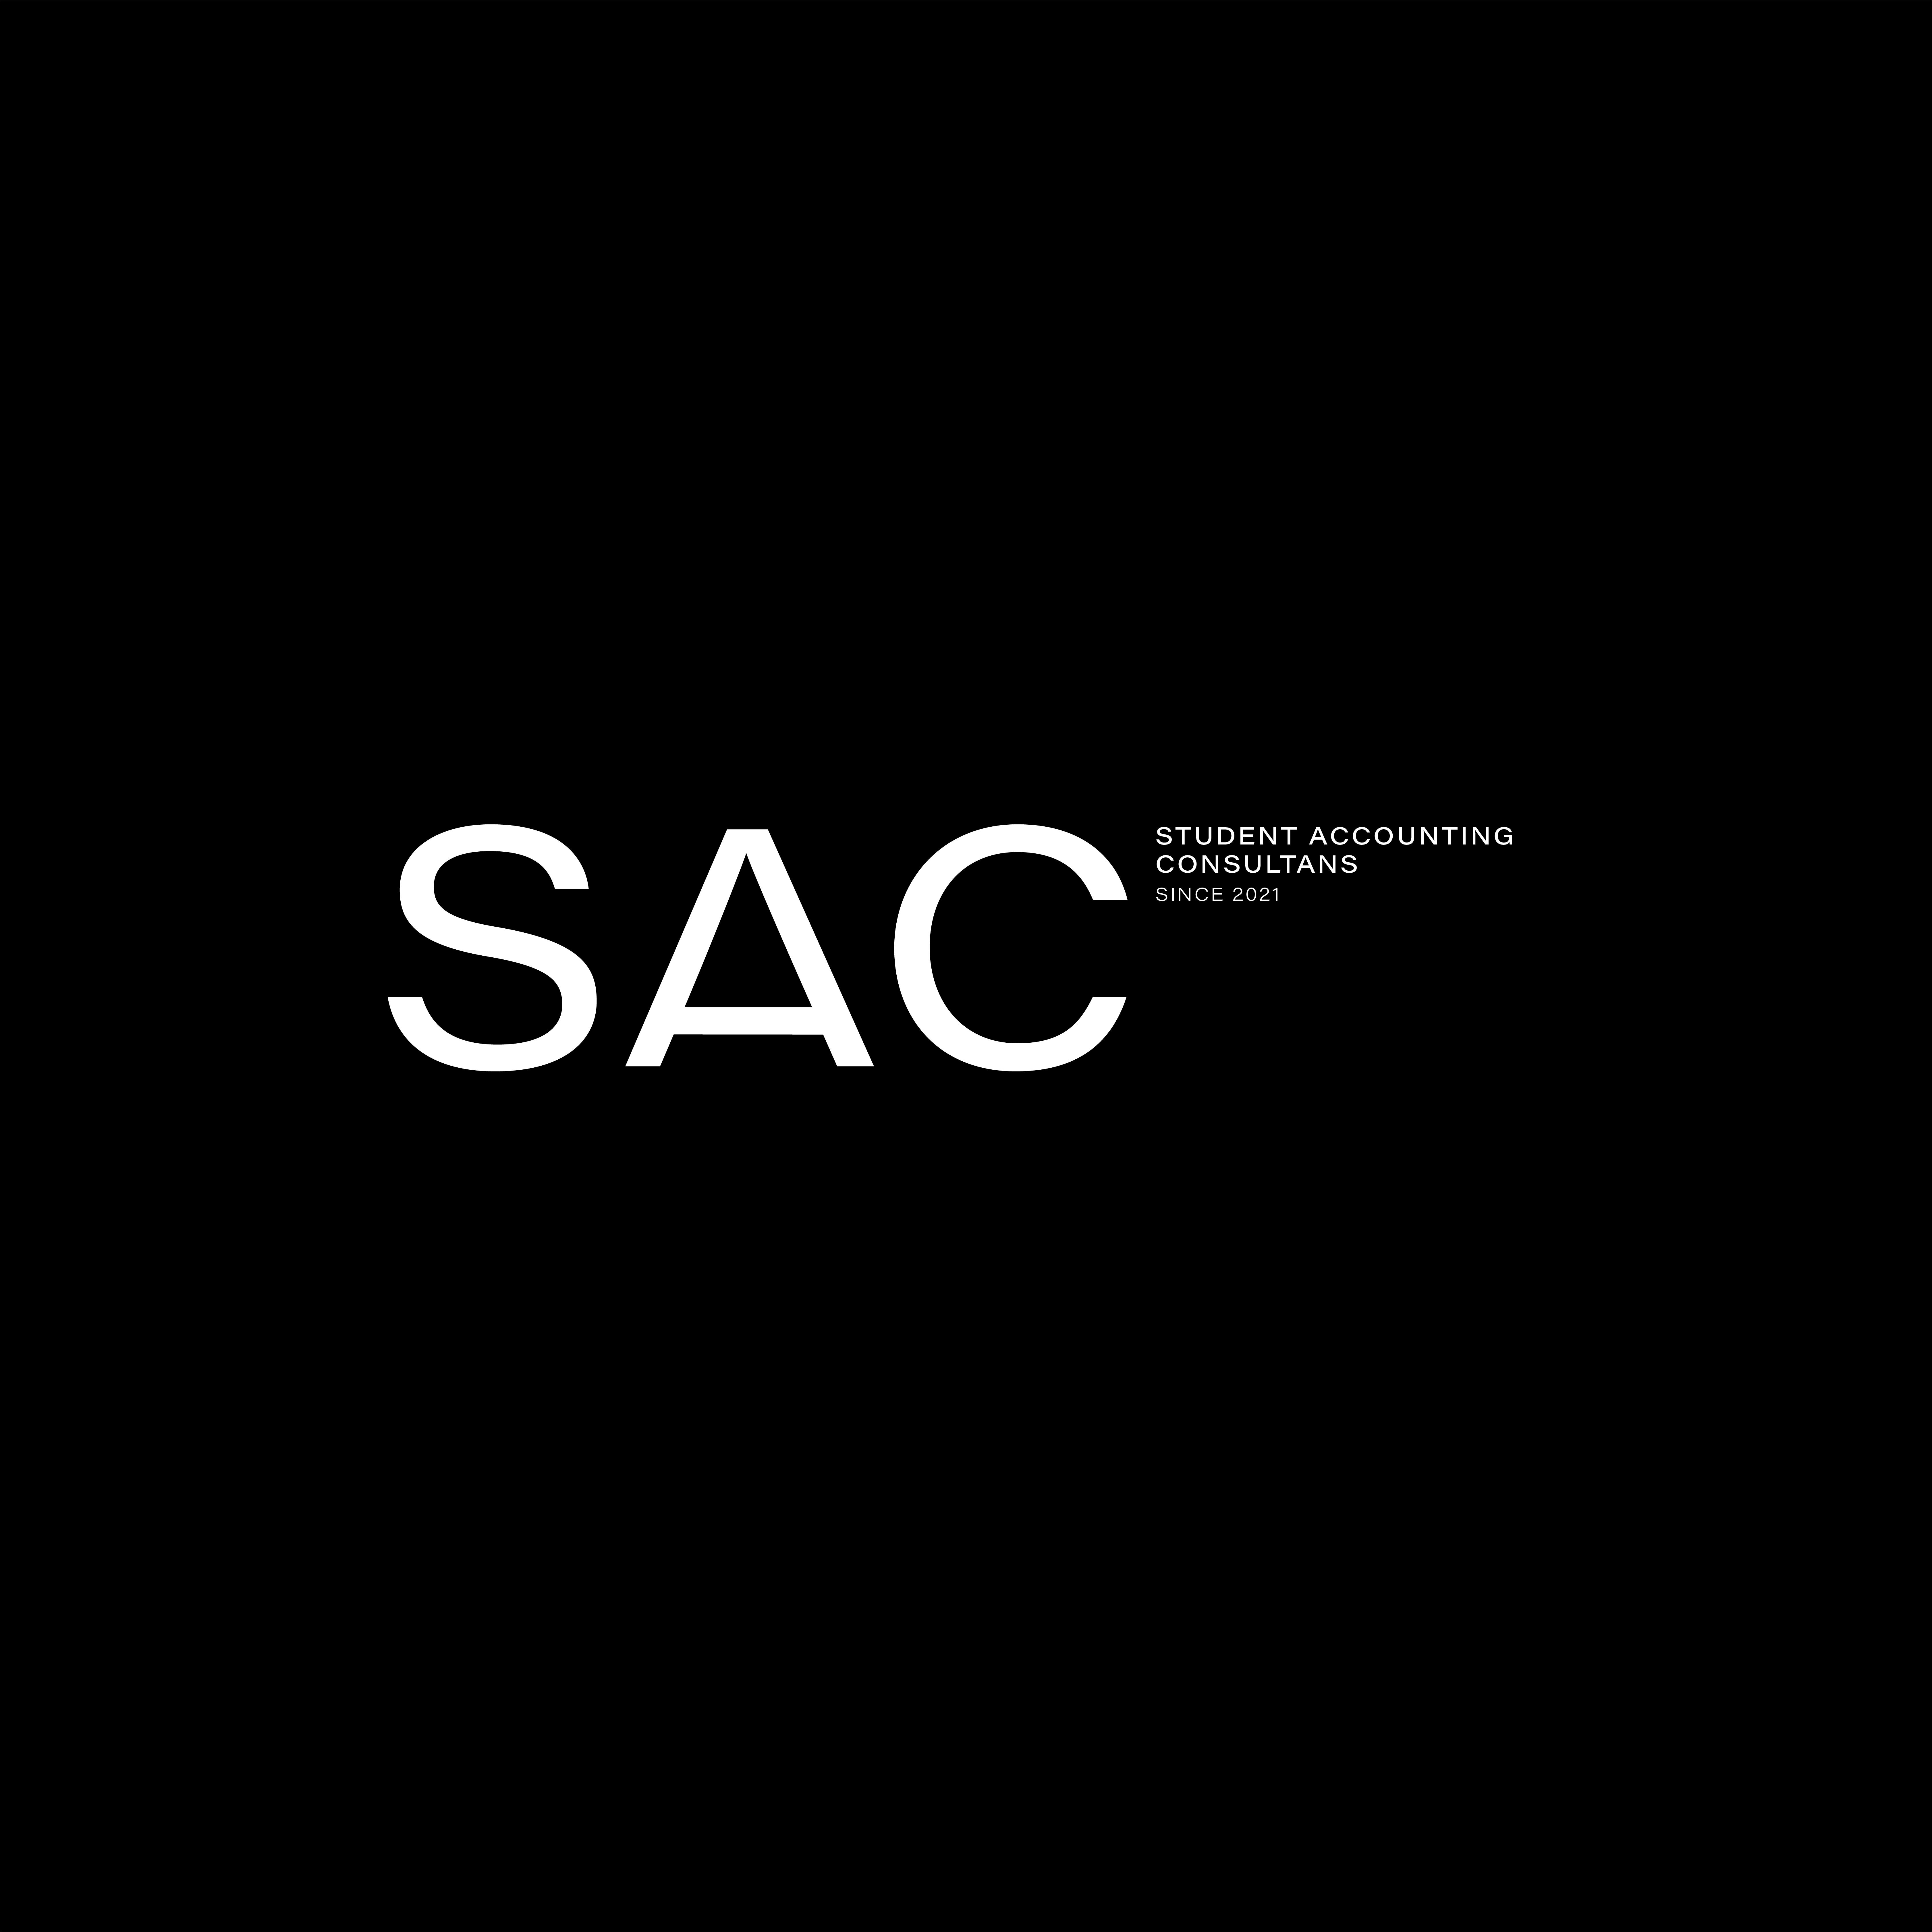 SAC-Logotyp_Rityta 1